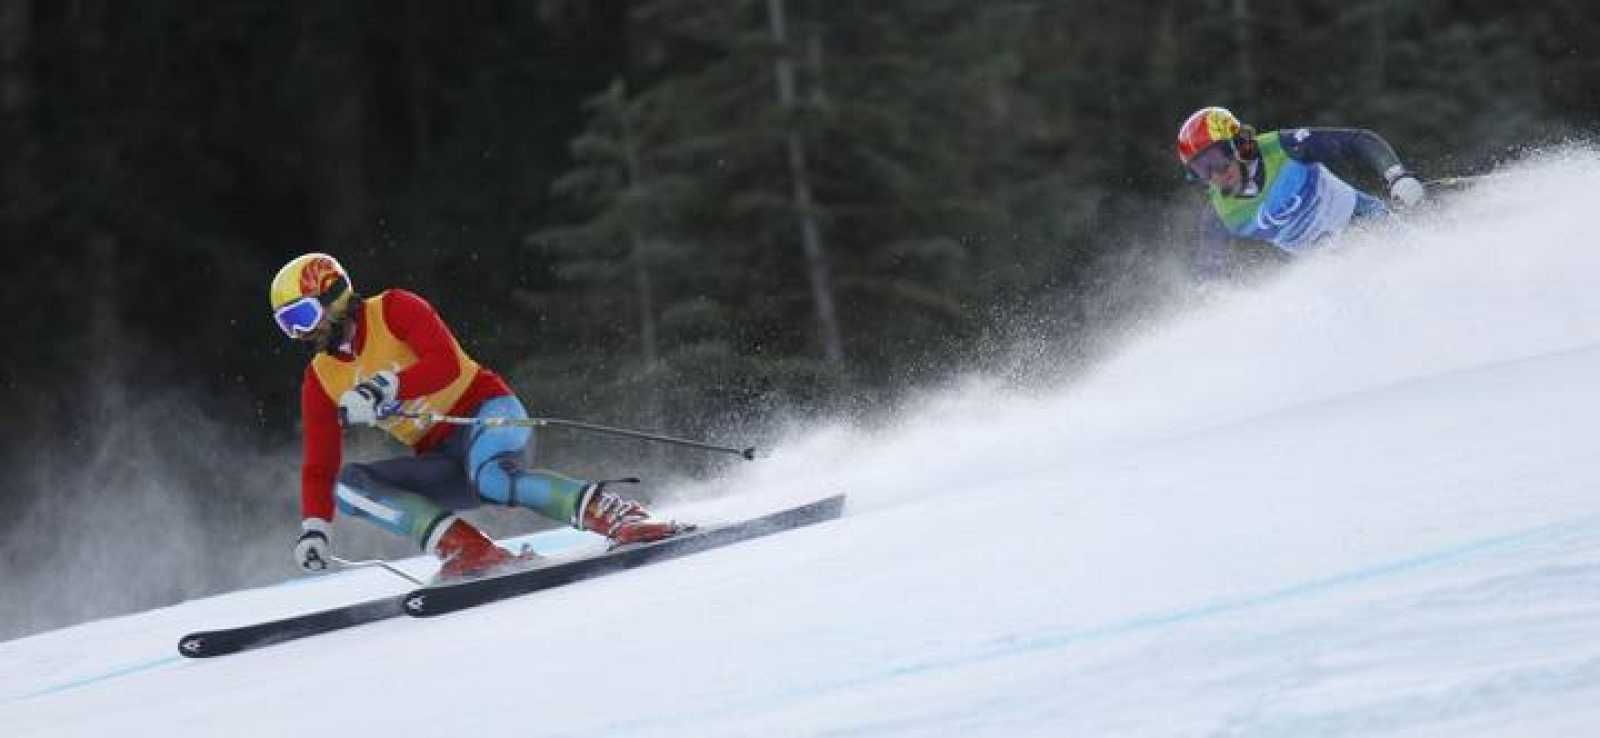 El esquiador español Jon Santacana (Clase B2), con su guía Miguel Galindo, durante su participación en la prueba de Supercombinada